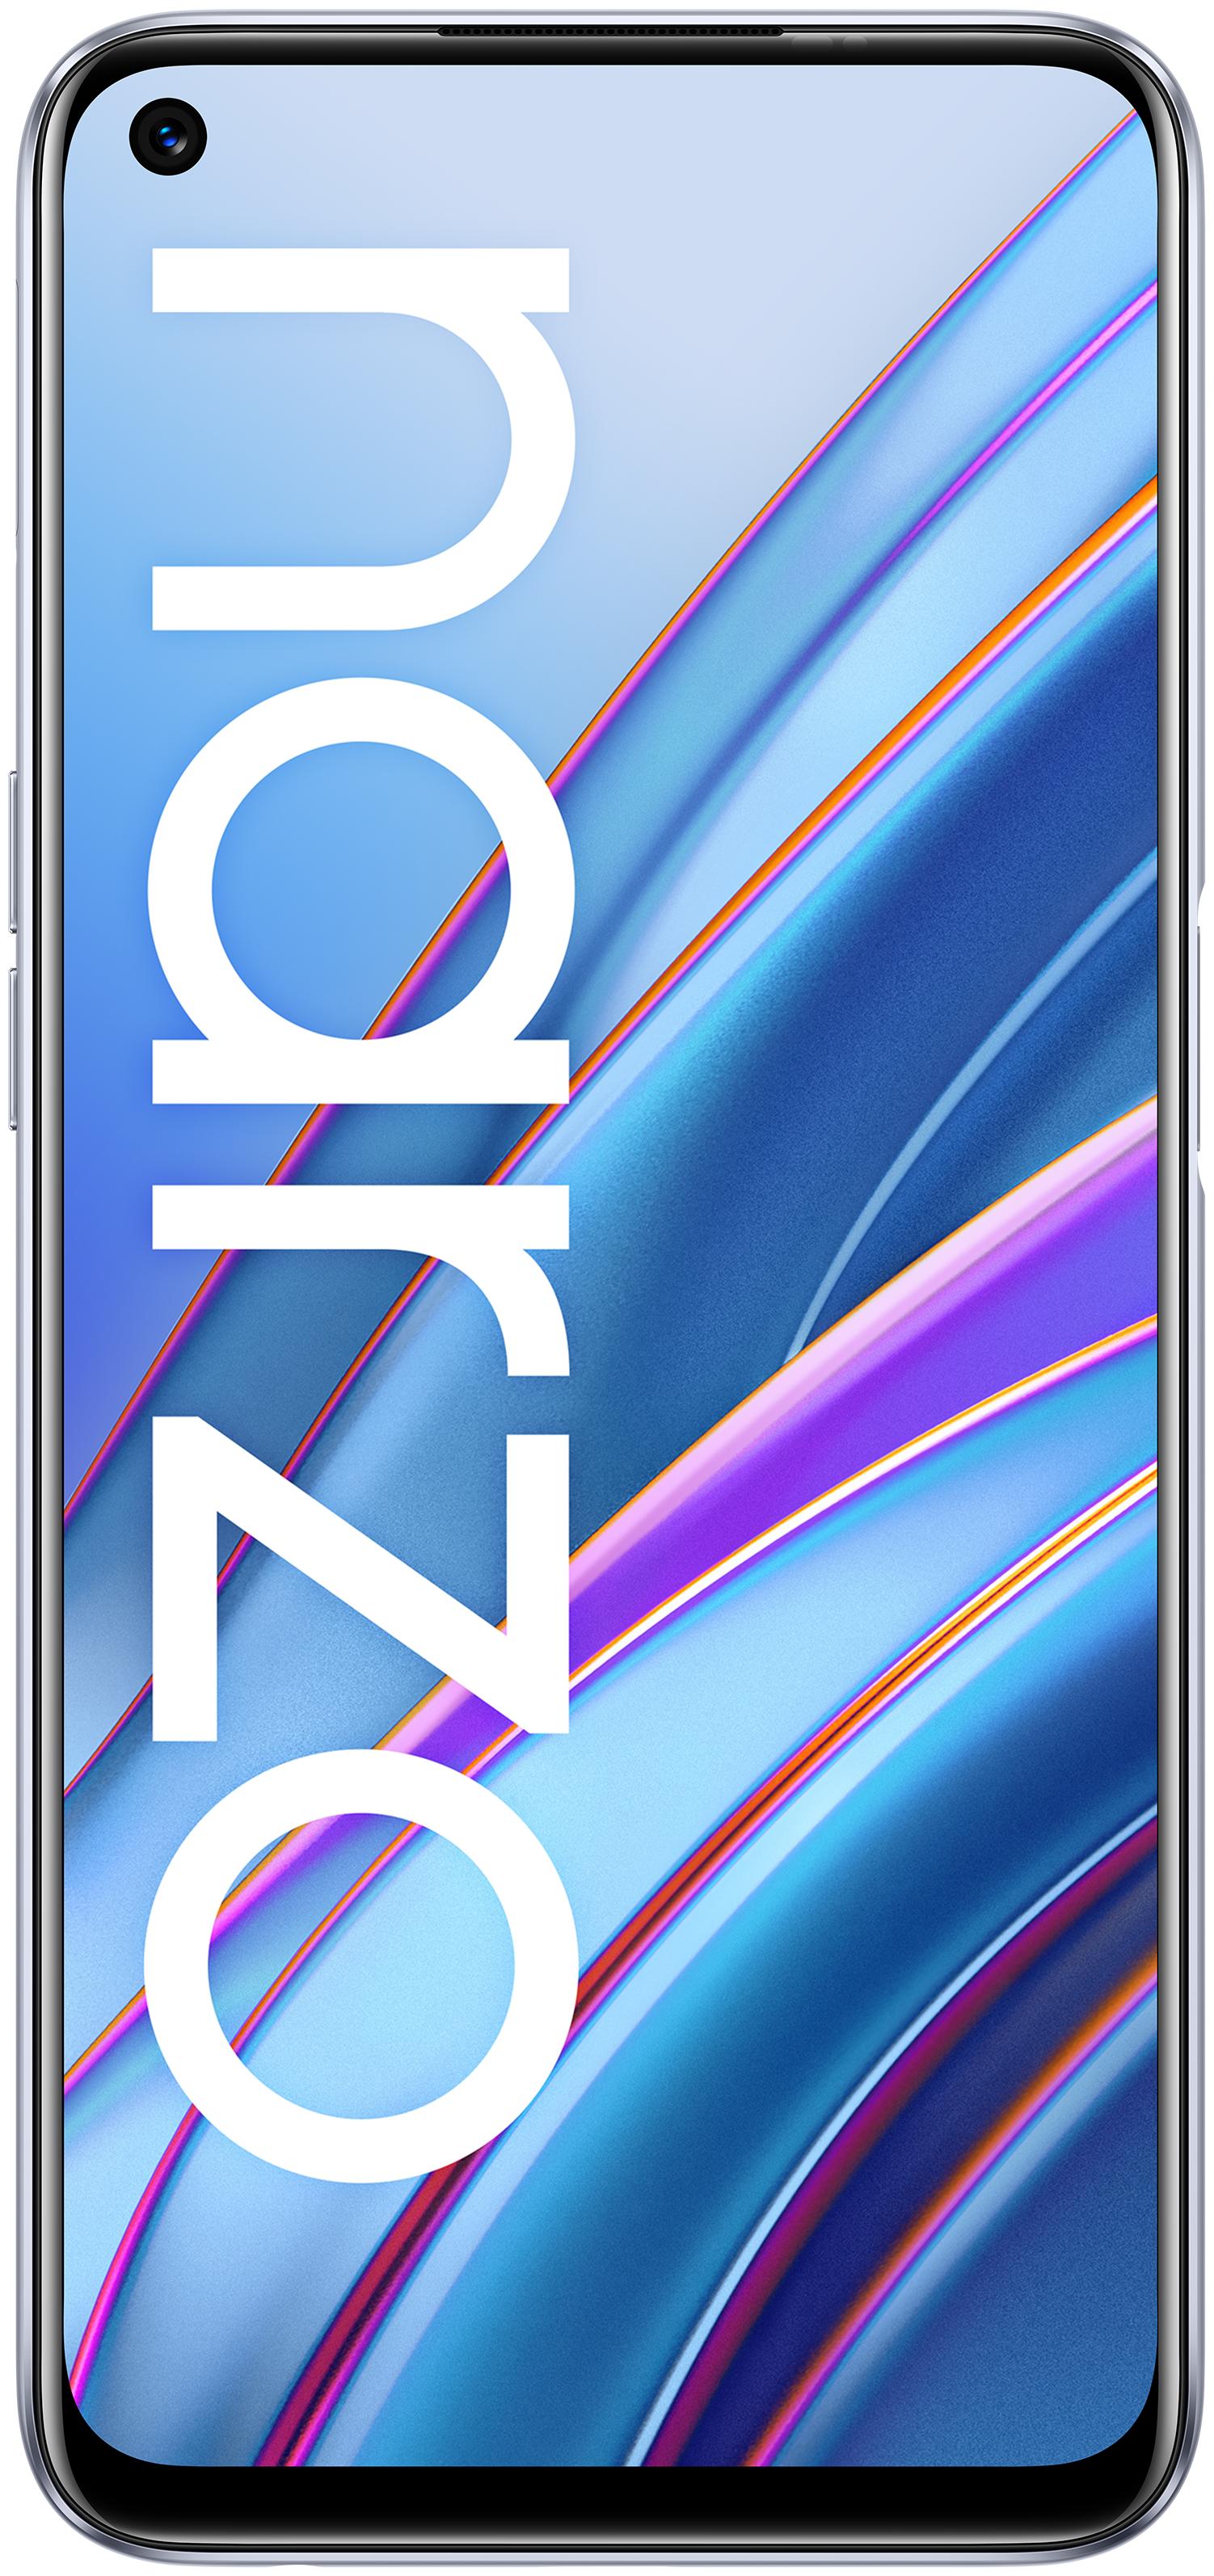 Смартфон realme NARZO 30 4G 6/128GB — купить по выгодной цене на Яндекс.Маркете